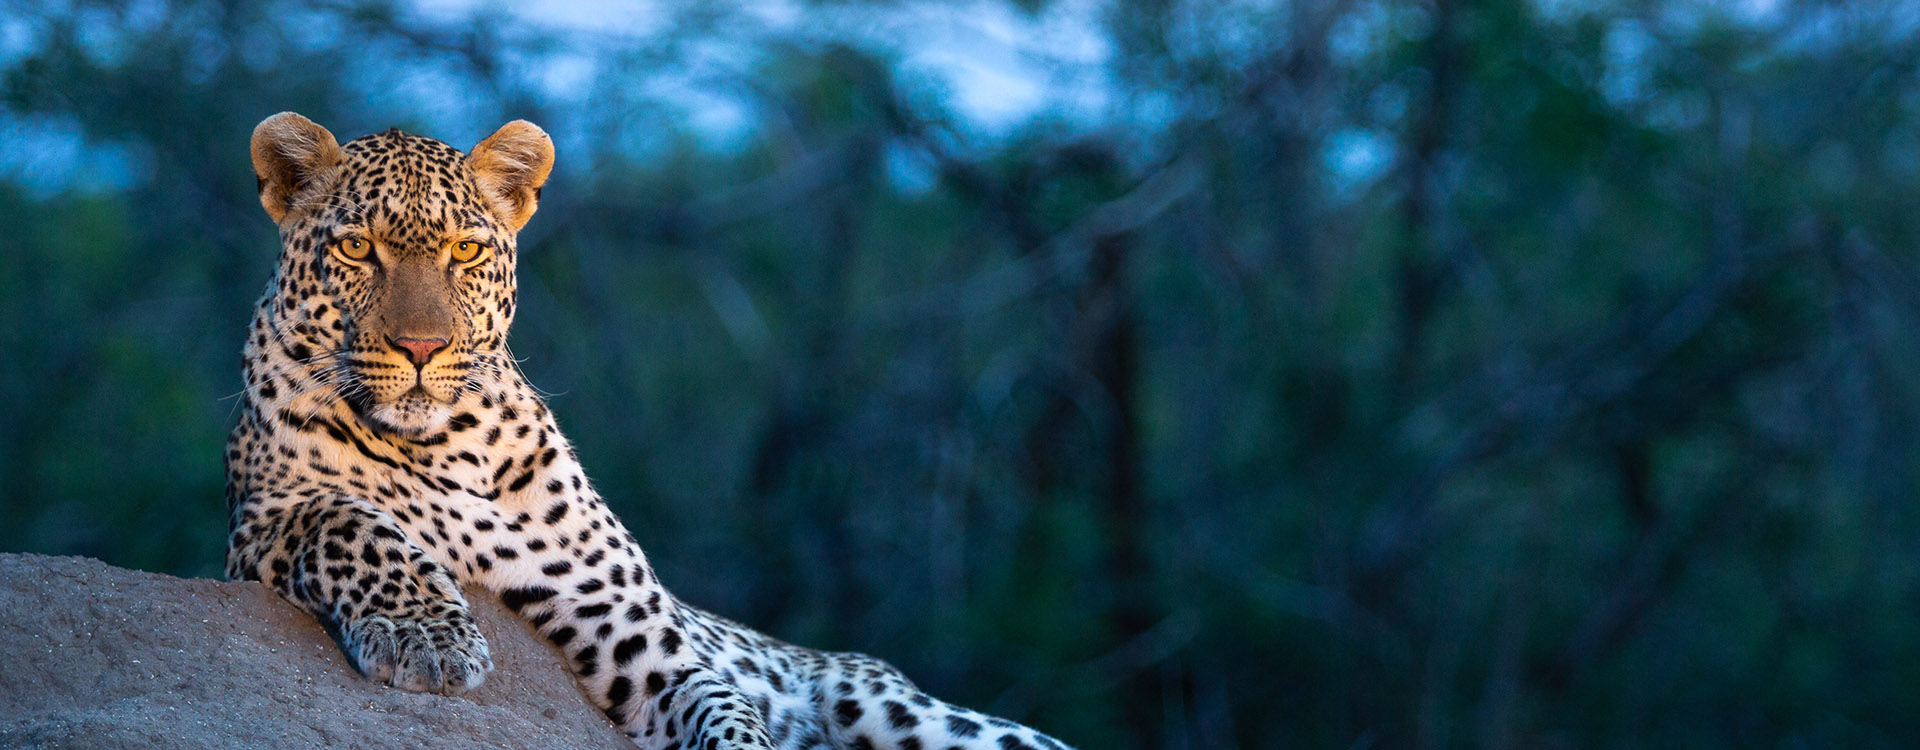 Leopard, Kruger National Park, South Africa